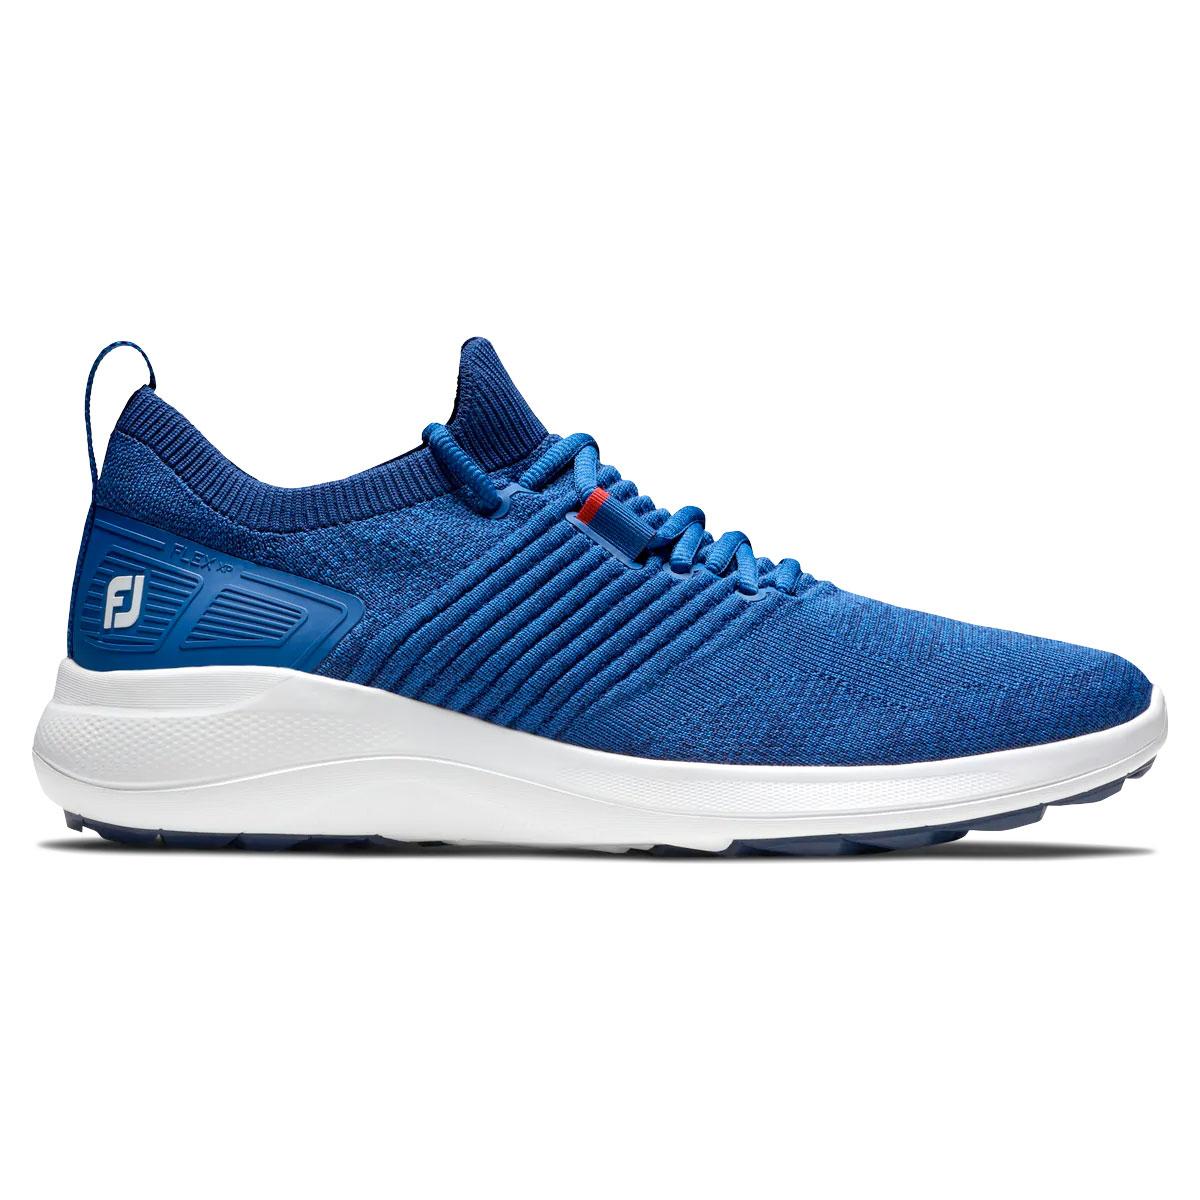 FootJoy Flex XP Mens Spikeless Golf Shoes  - Blue